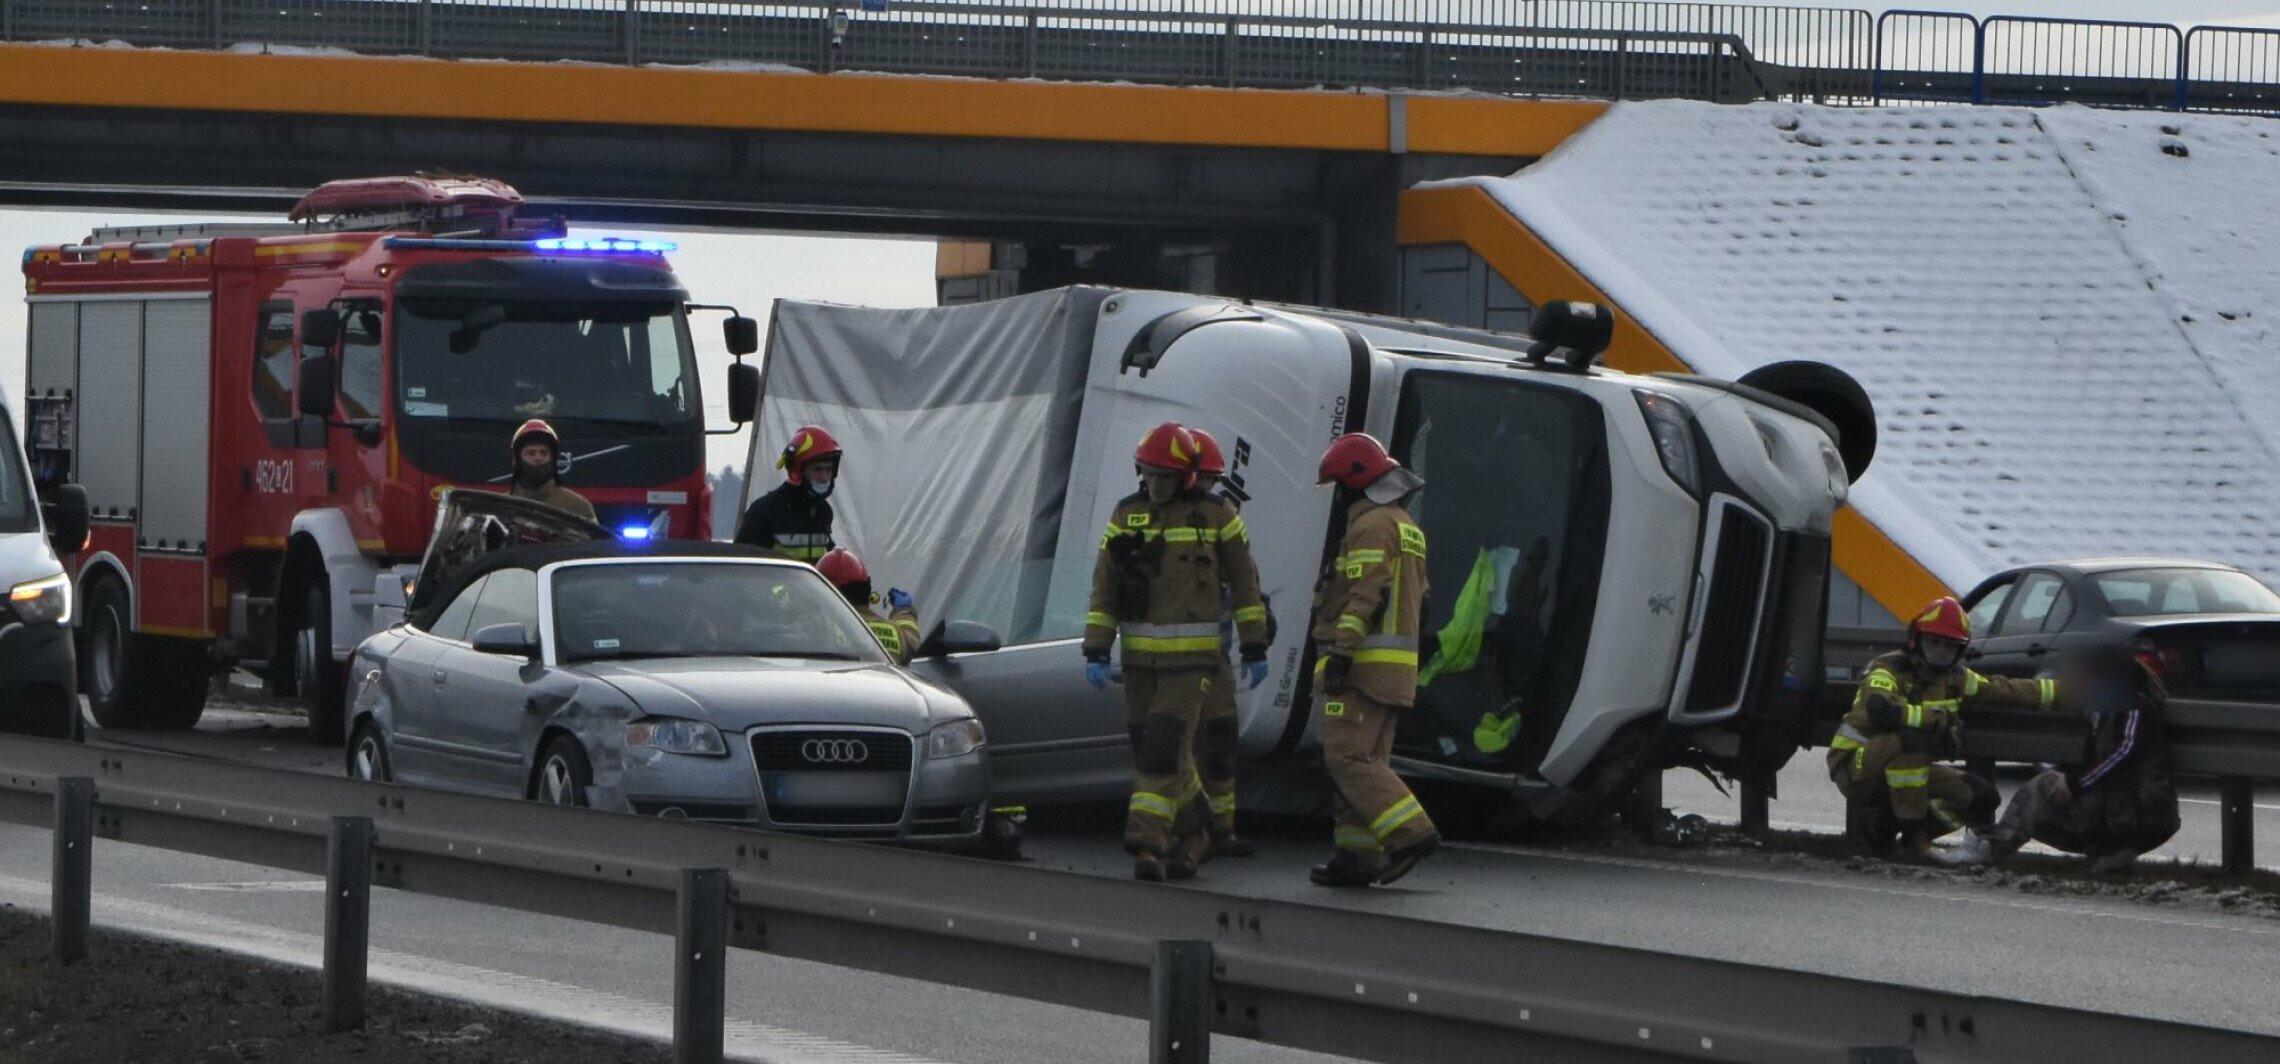 Inowrocław - Wypadek na obwodnicy. Droga zablokowana